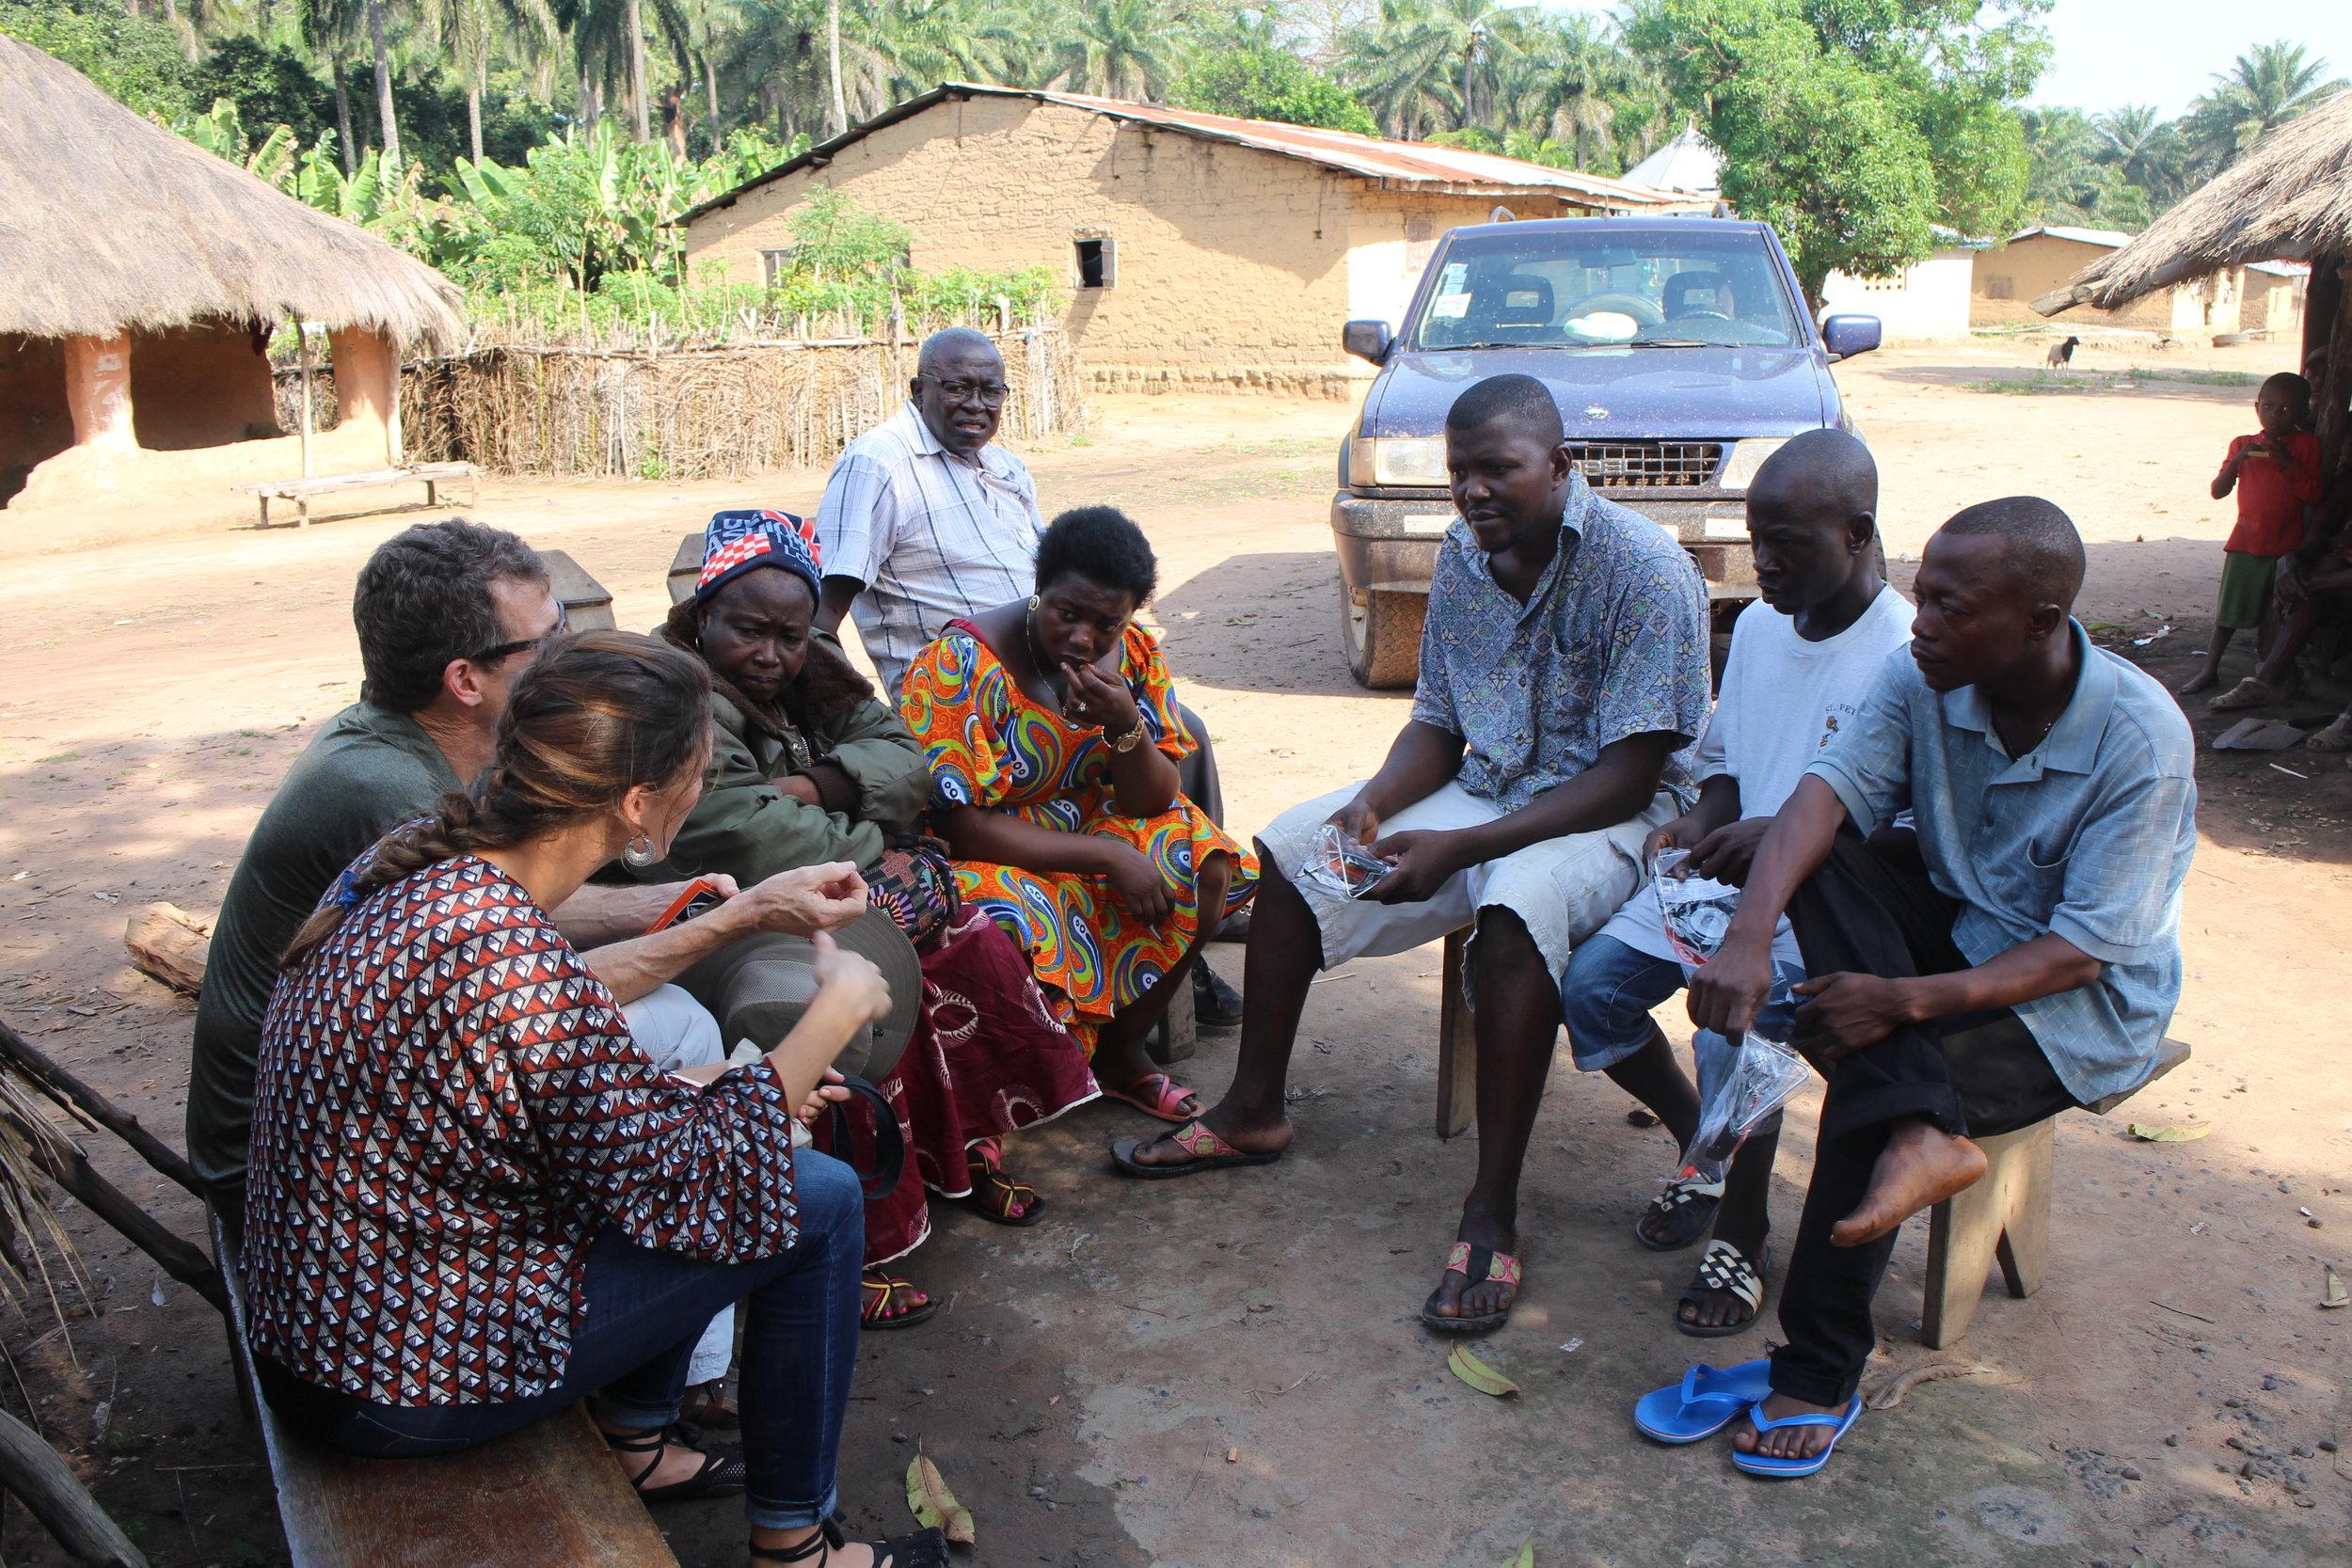 Talking to the teachers, Sierra Leone